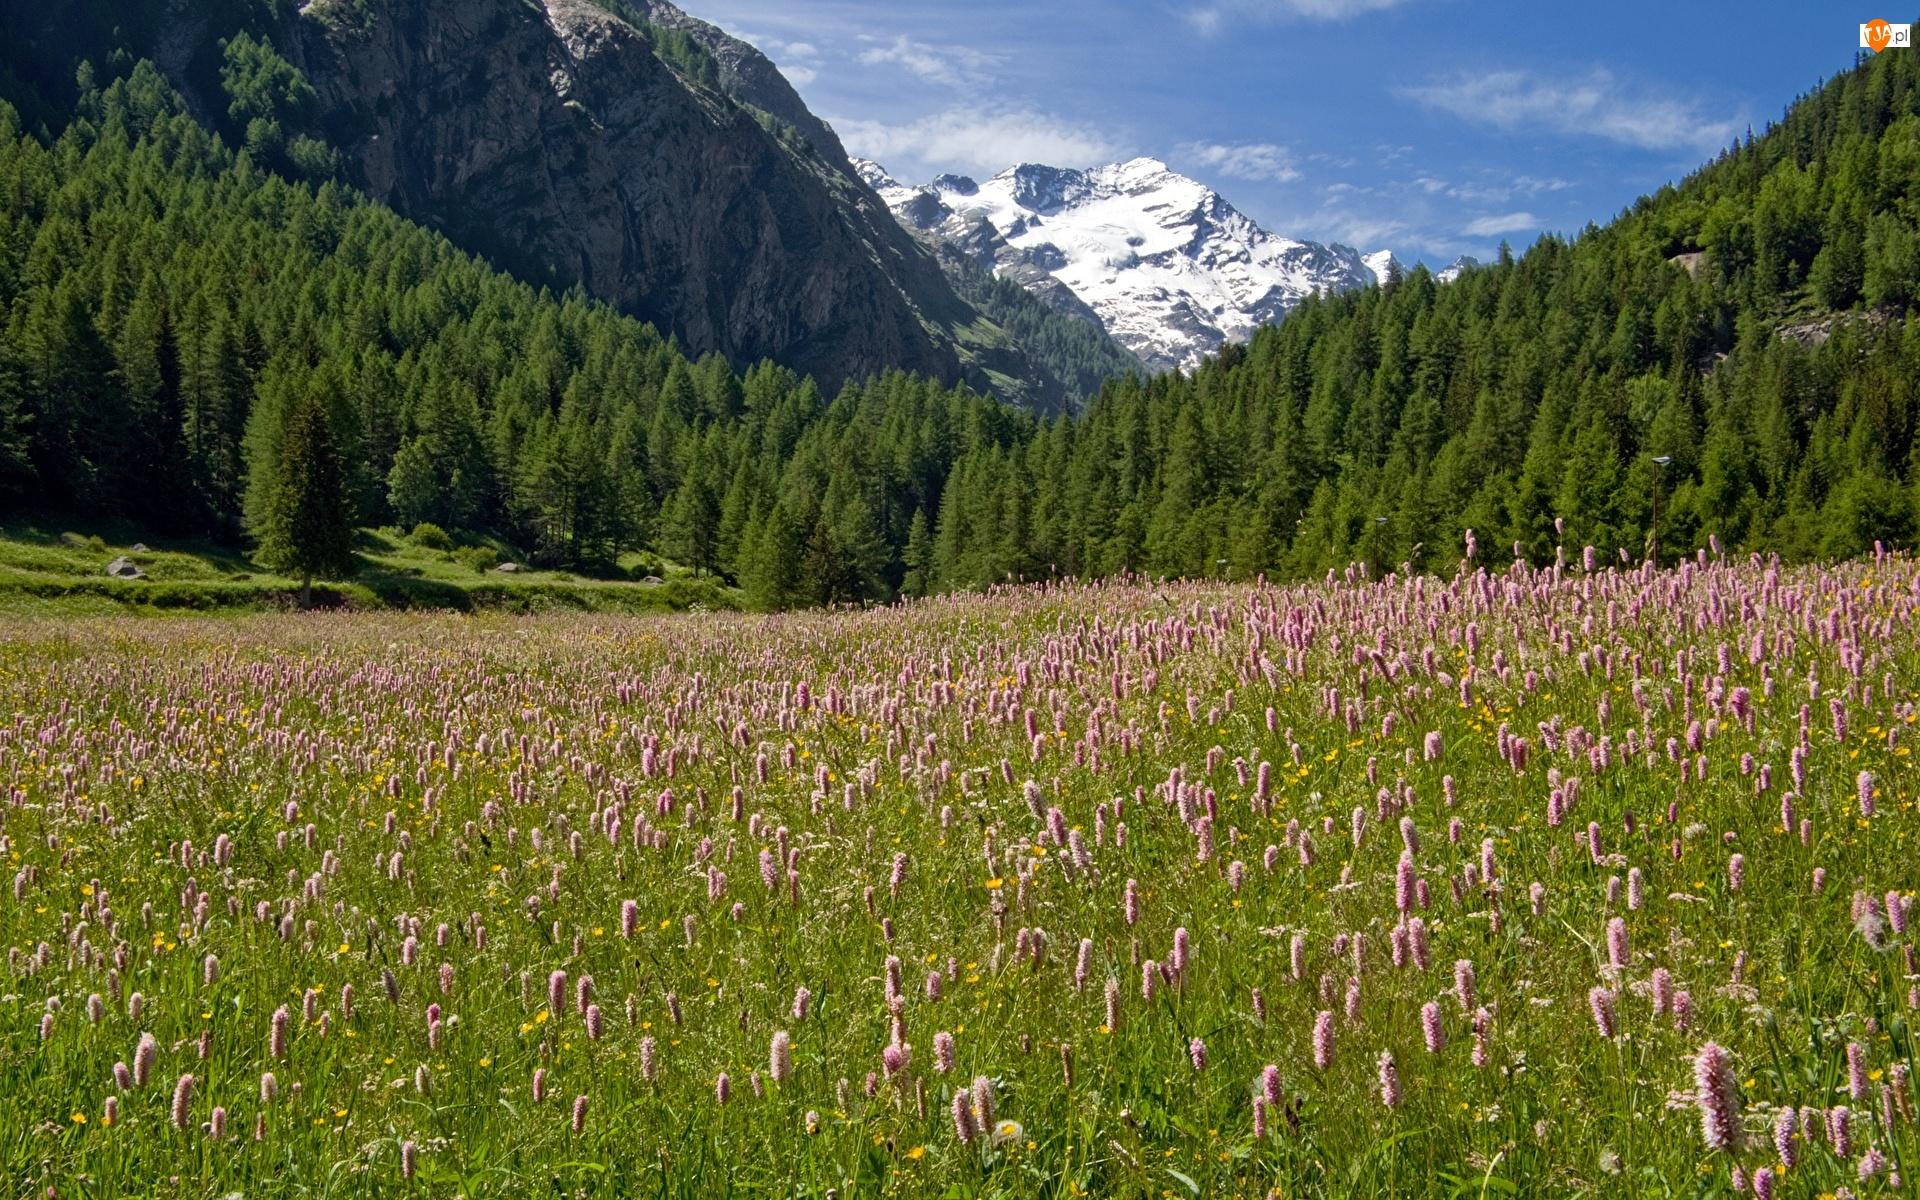 Góry Alpy, Lasy, Kwiaty, Włochy, Łąka, Park Narodowy Gran Paradiso, Drzewa